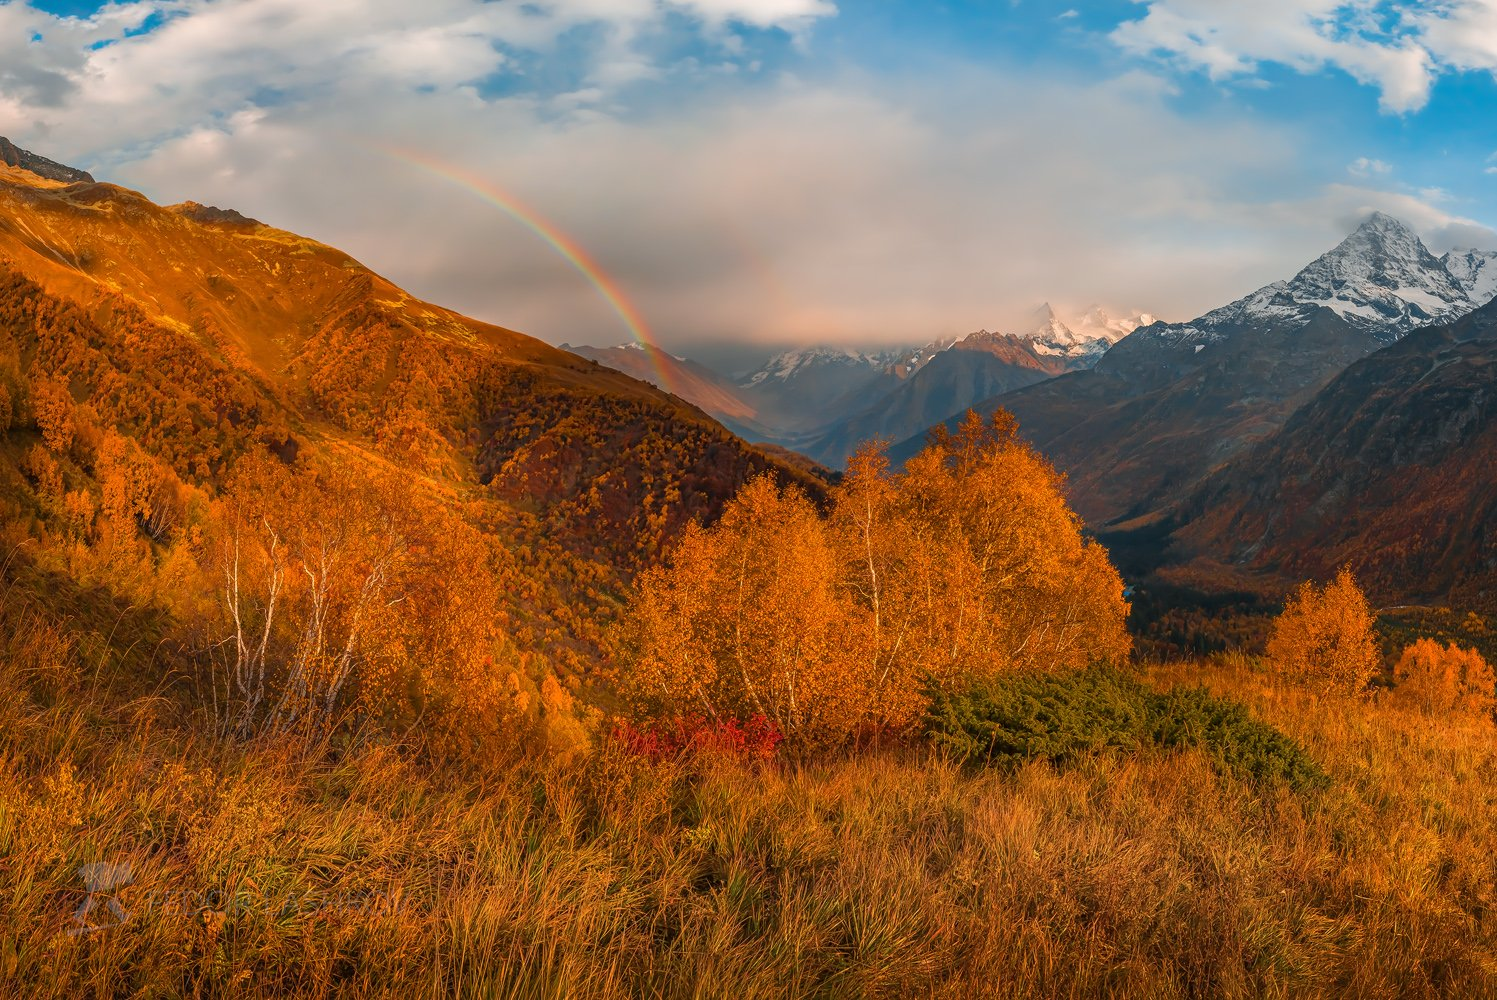 горы, домбай, закат, осень, радуга, тучи, непогода, лес, тебердинский государственный природный биосферный заповедник, кавказ, хребет, вершина, трава, алебек, берёза, трава, луг, альпийский луг,, Лашков Фёдор